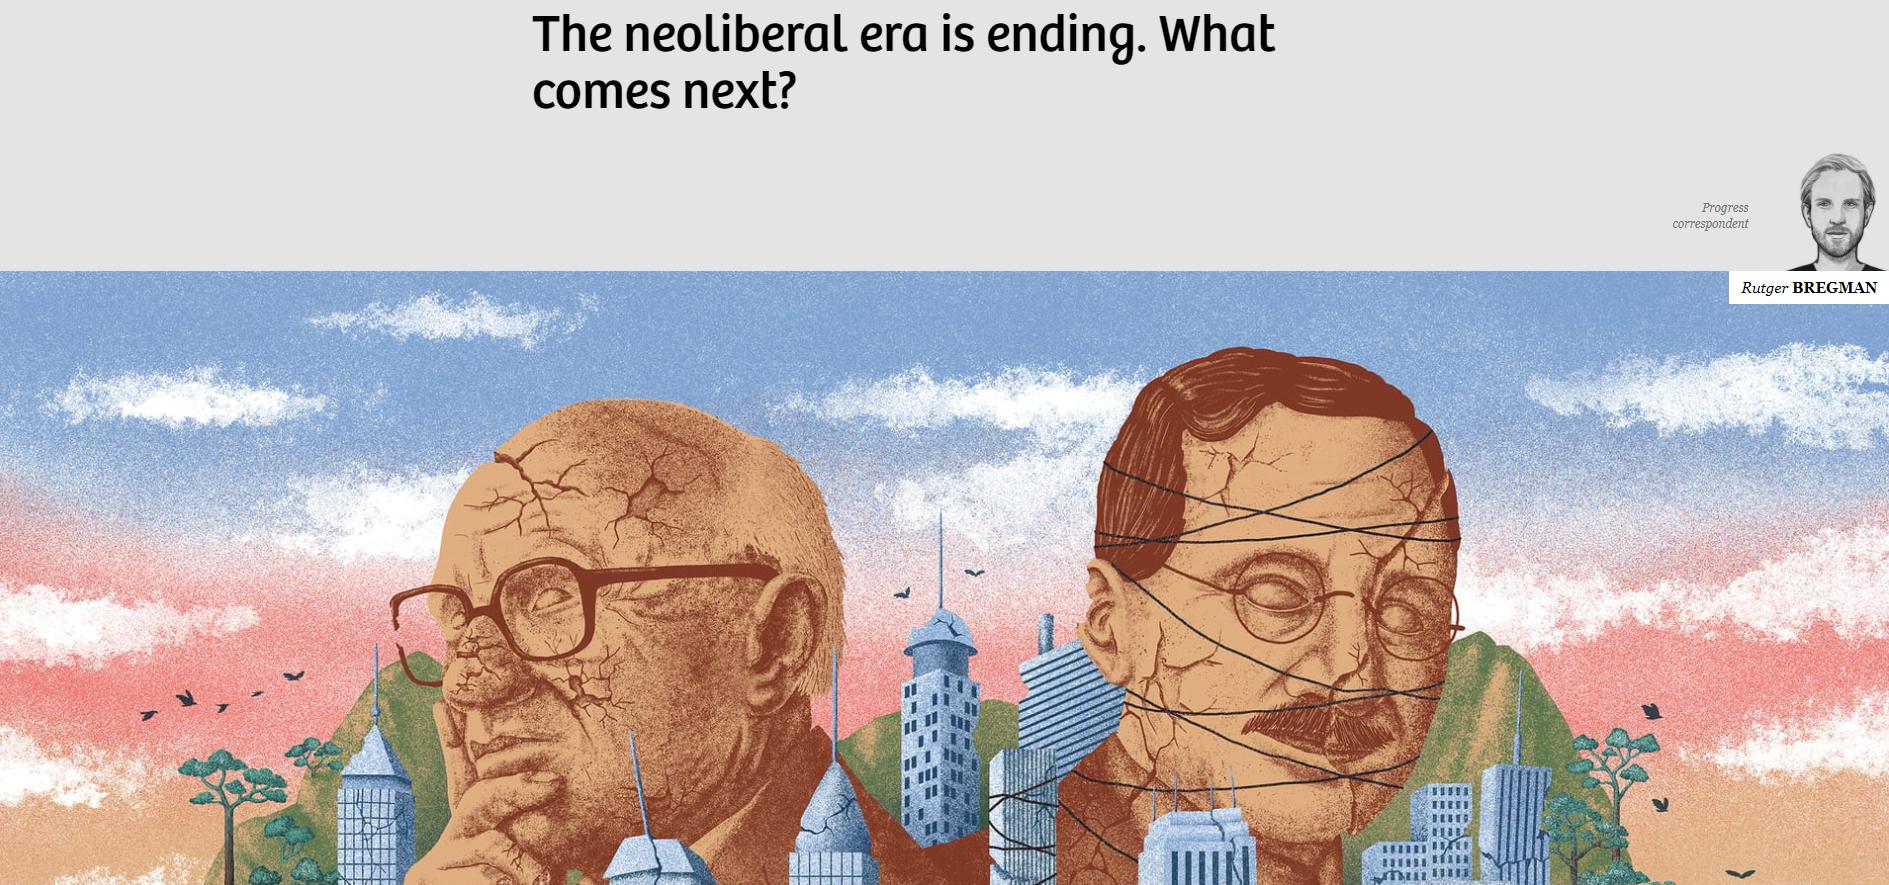 Kako će izgledati budućnost posle neoliberalizma?